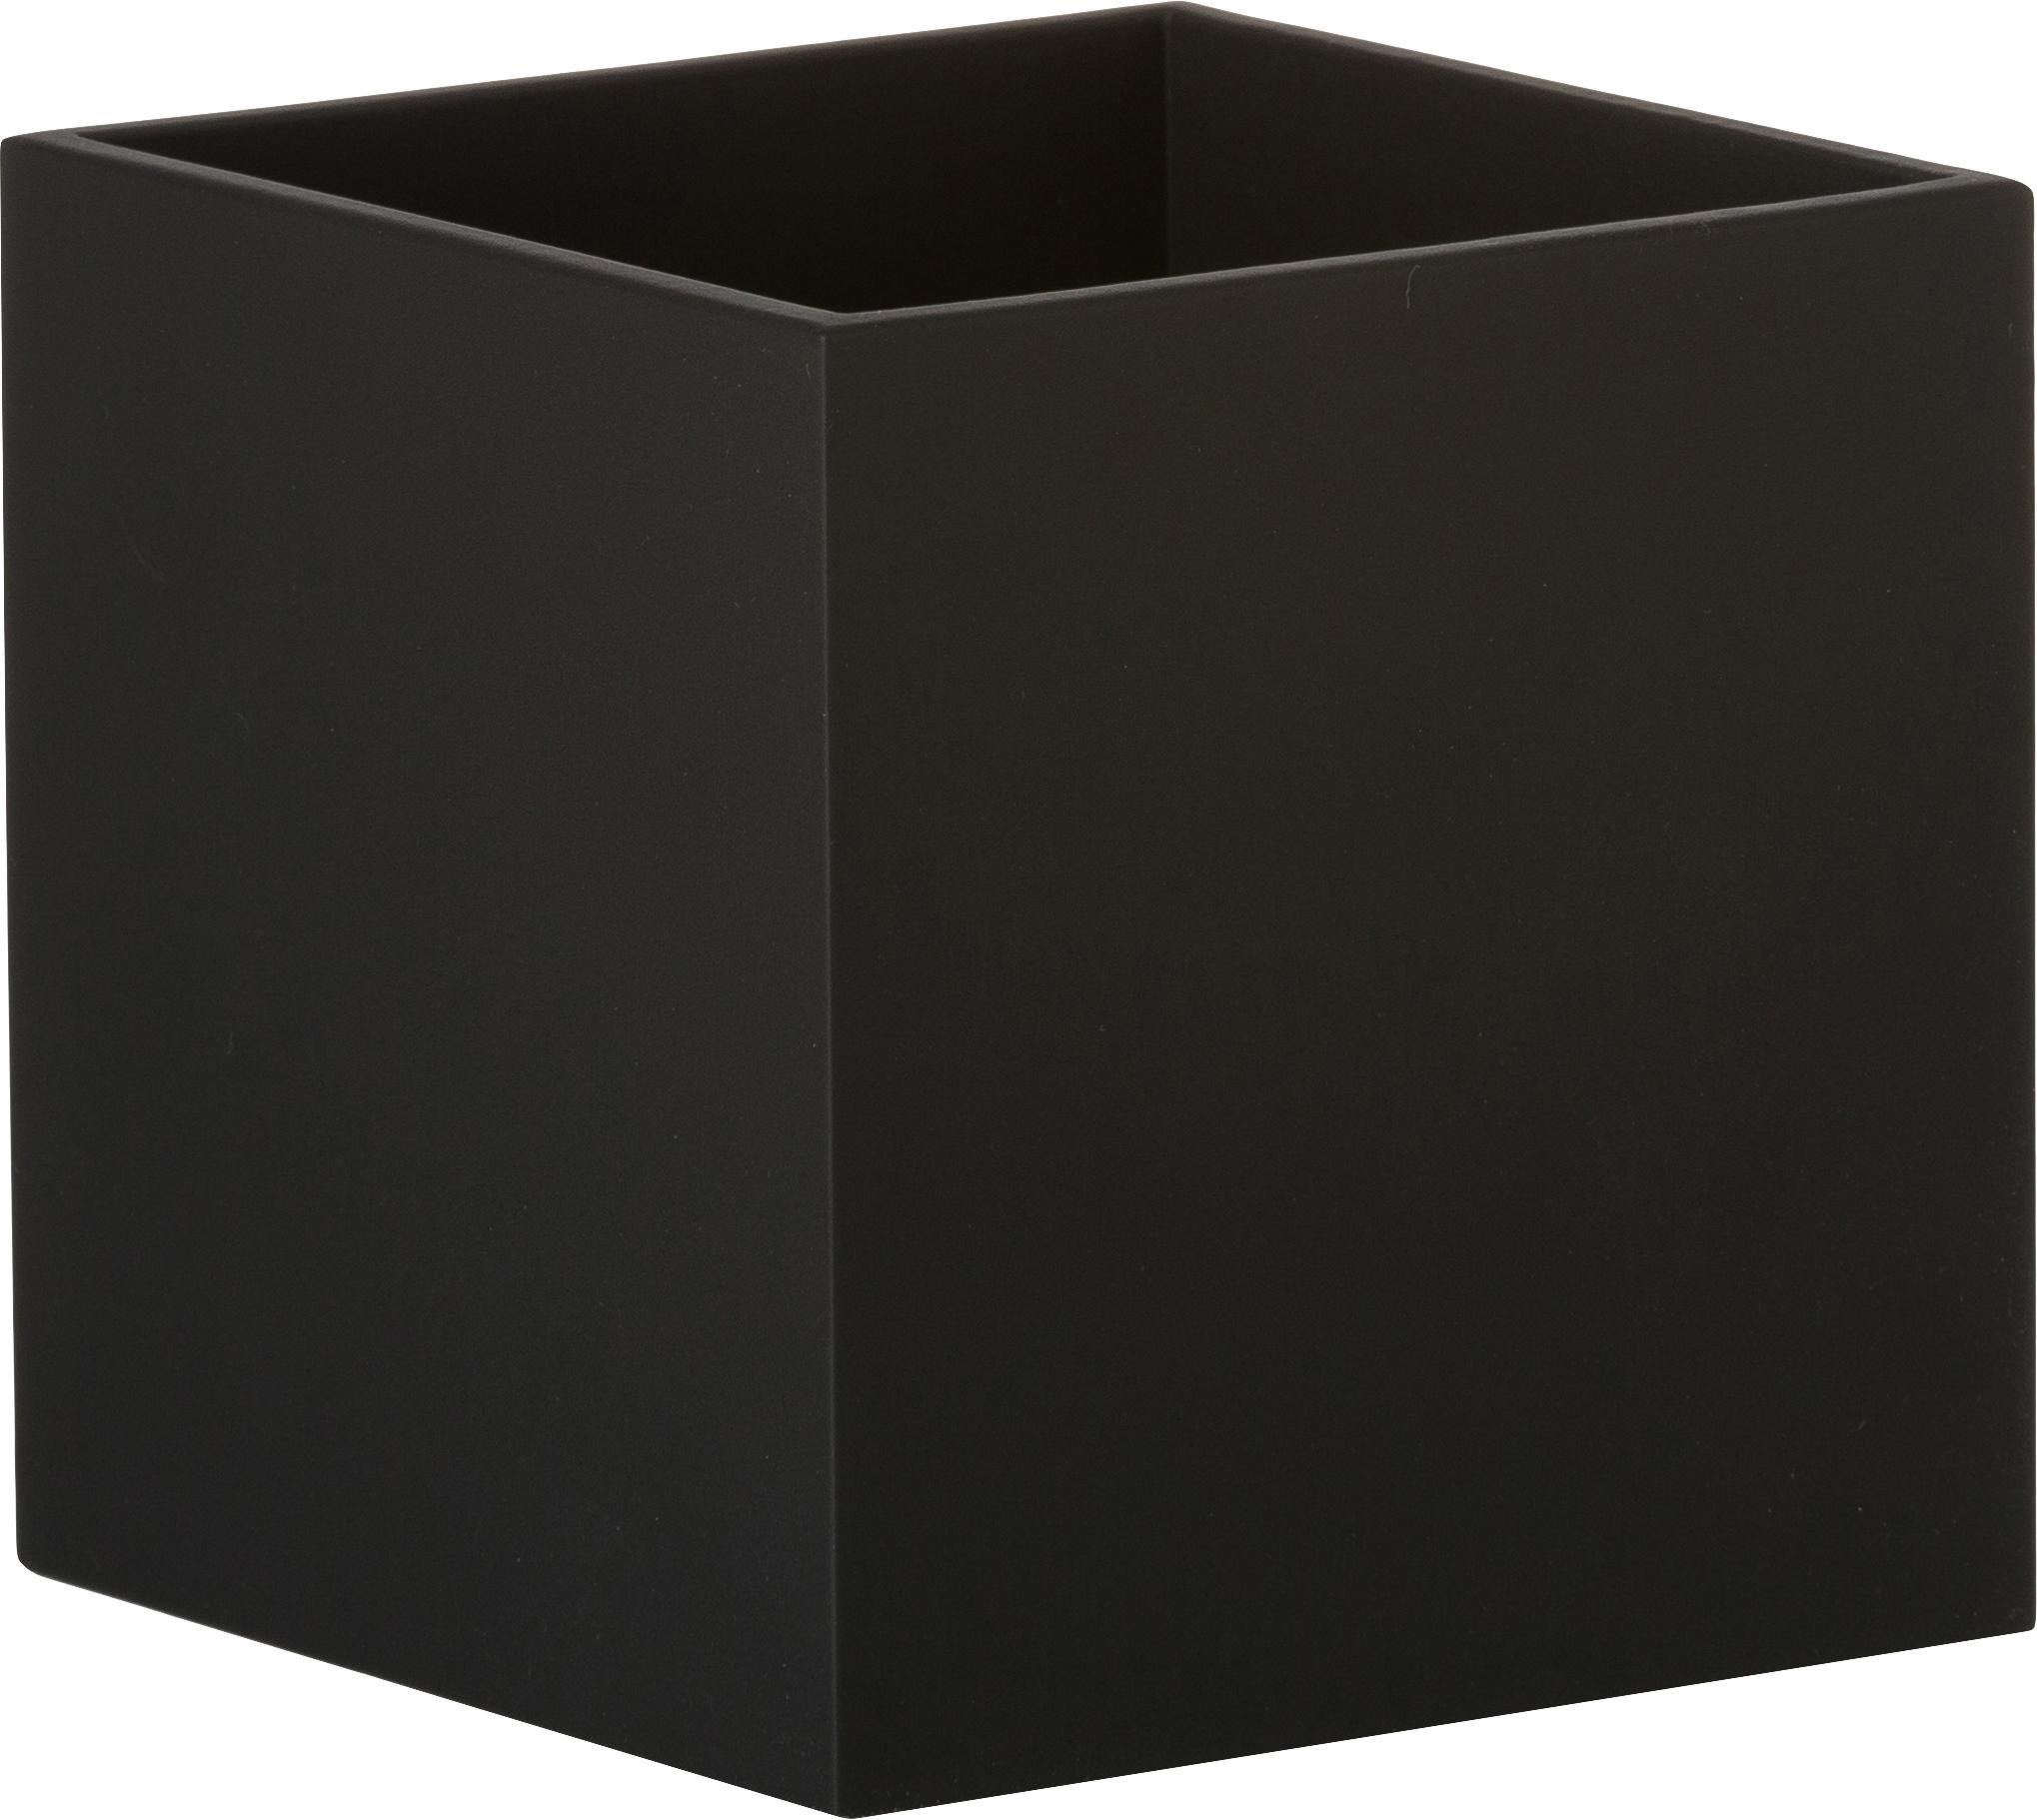 Kinkiet Quad, Aluminium malowane proszkowo, Czarny, S 10 x W 10 cm